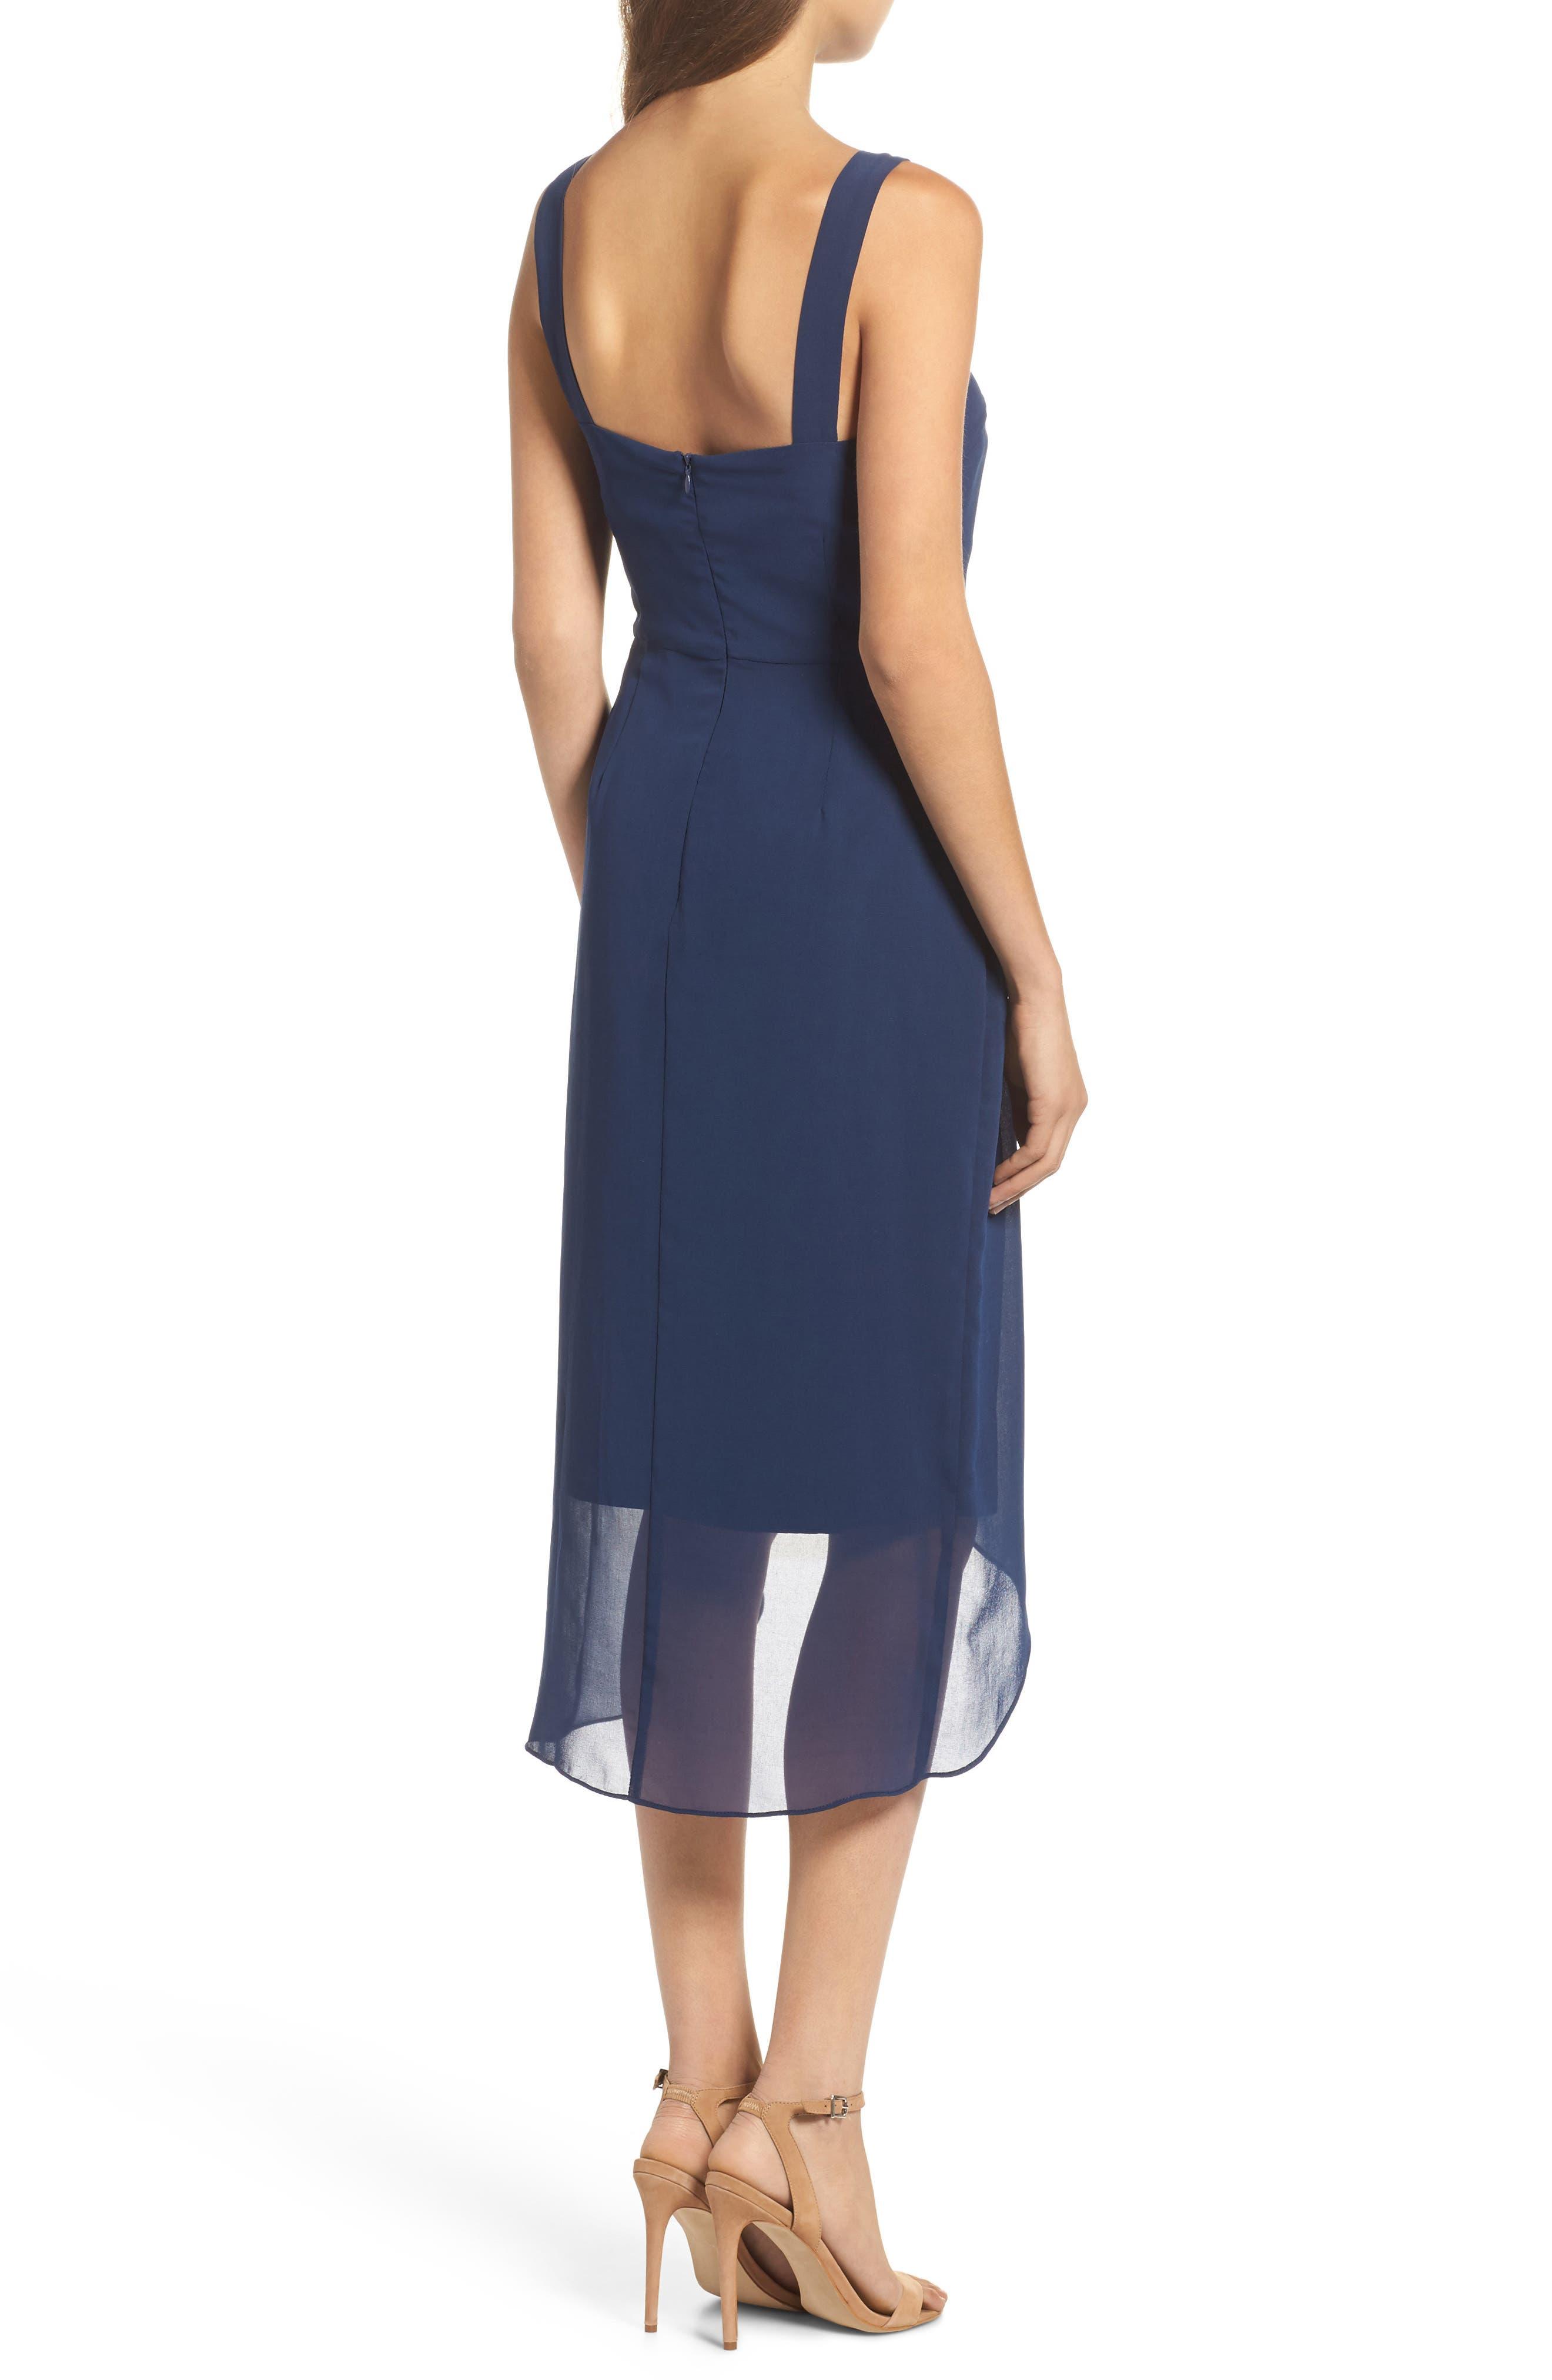 Utopia Midi Dress,                             Alternate thumbnail 2, color,                             435